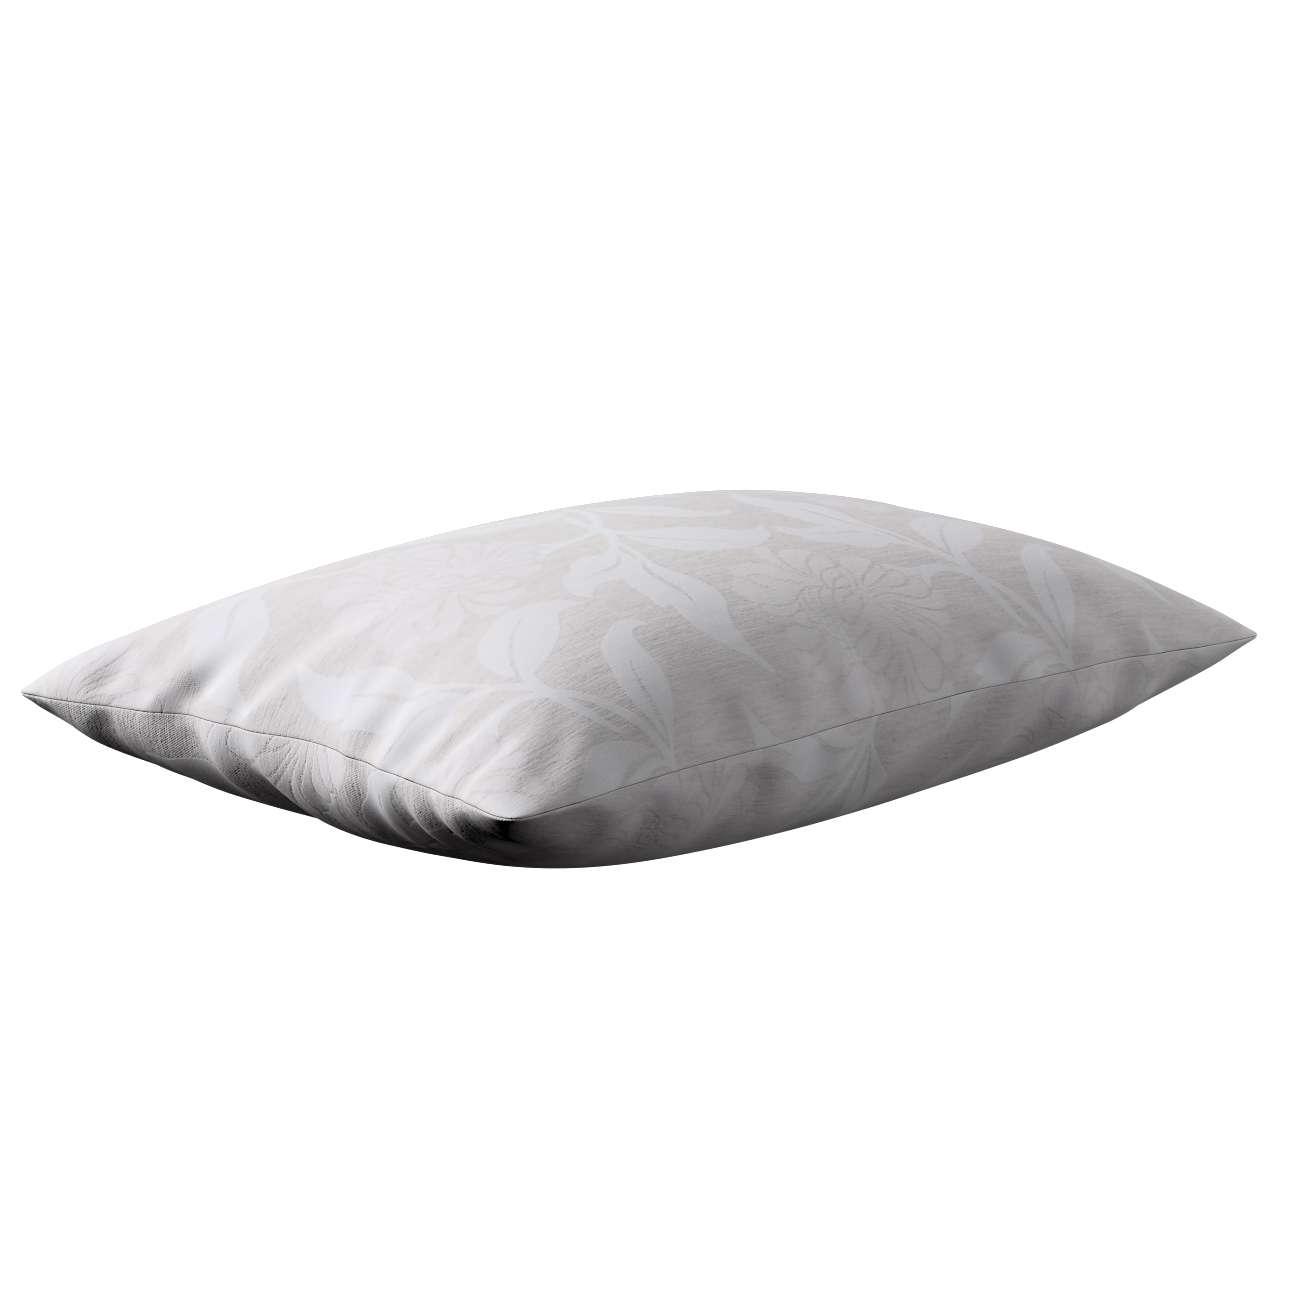 Kinga dekoratyvinės pagalvėlės užvalkalas 60x40cm 60x40cm kolekcijoje Venice, audinys: 140-51